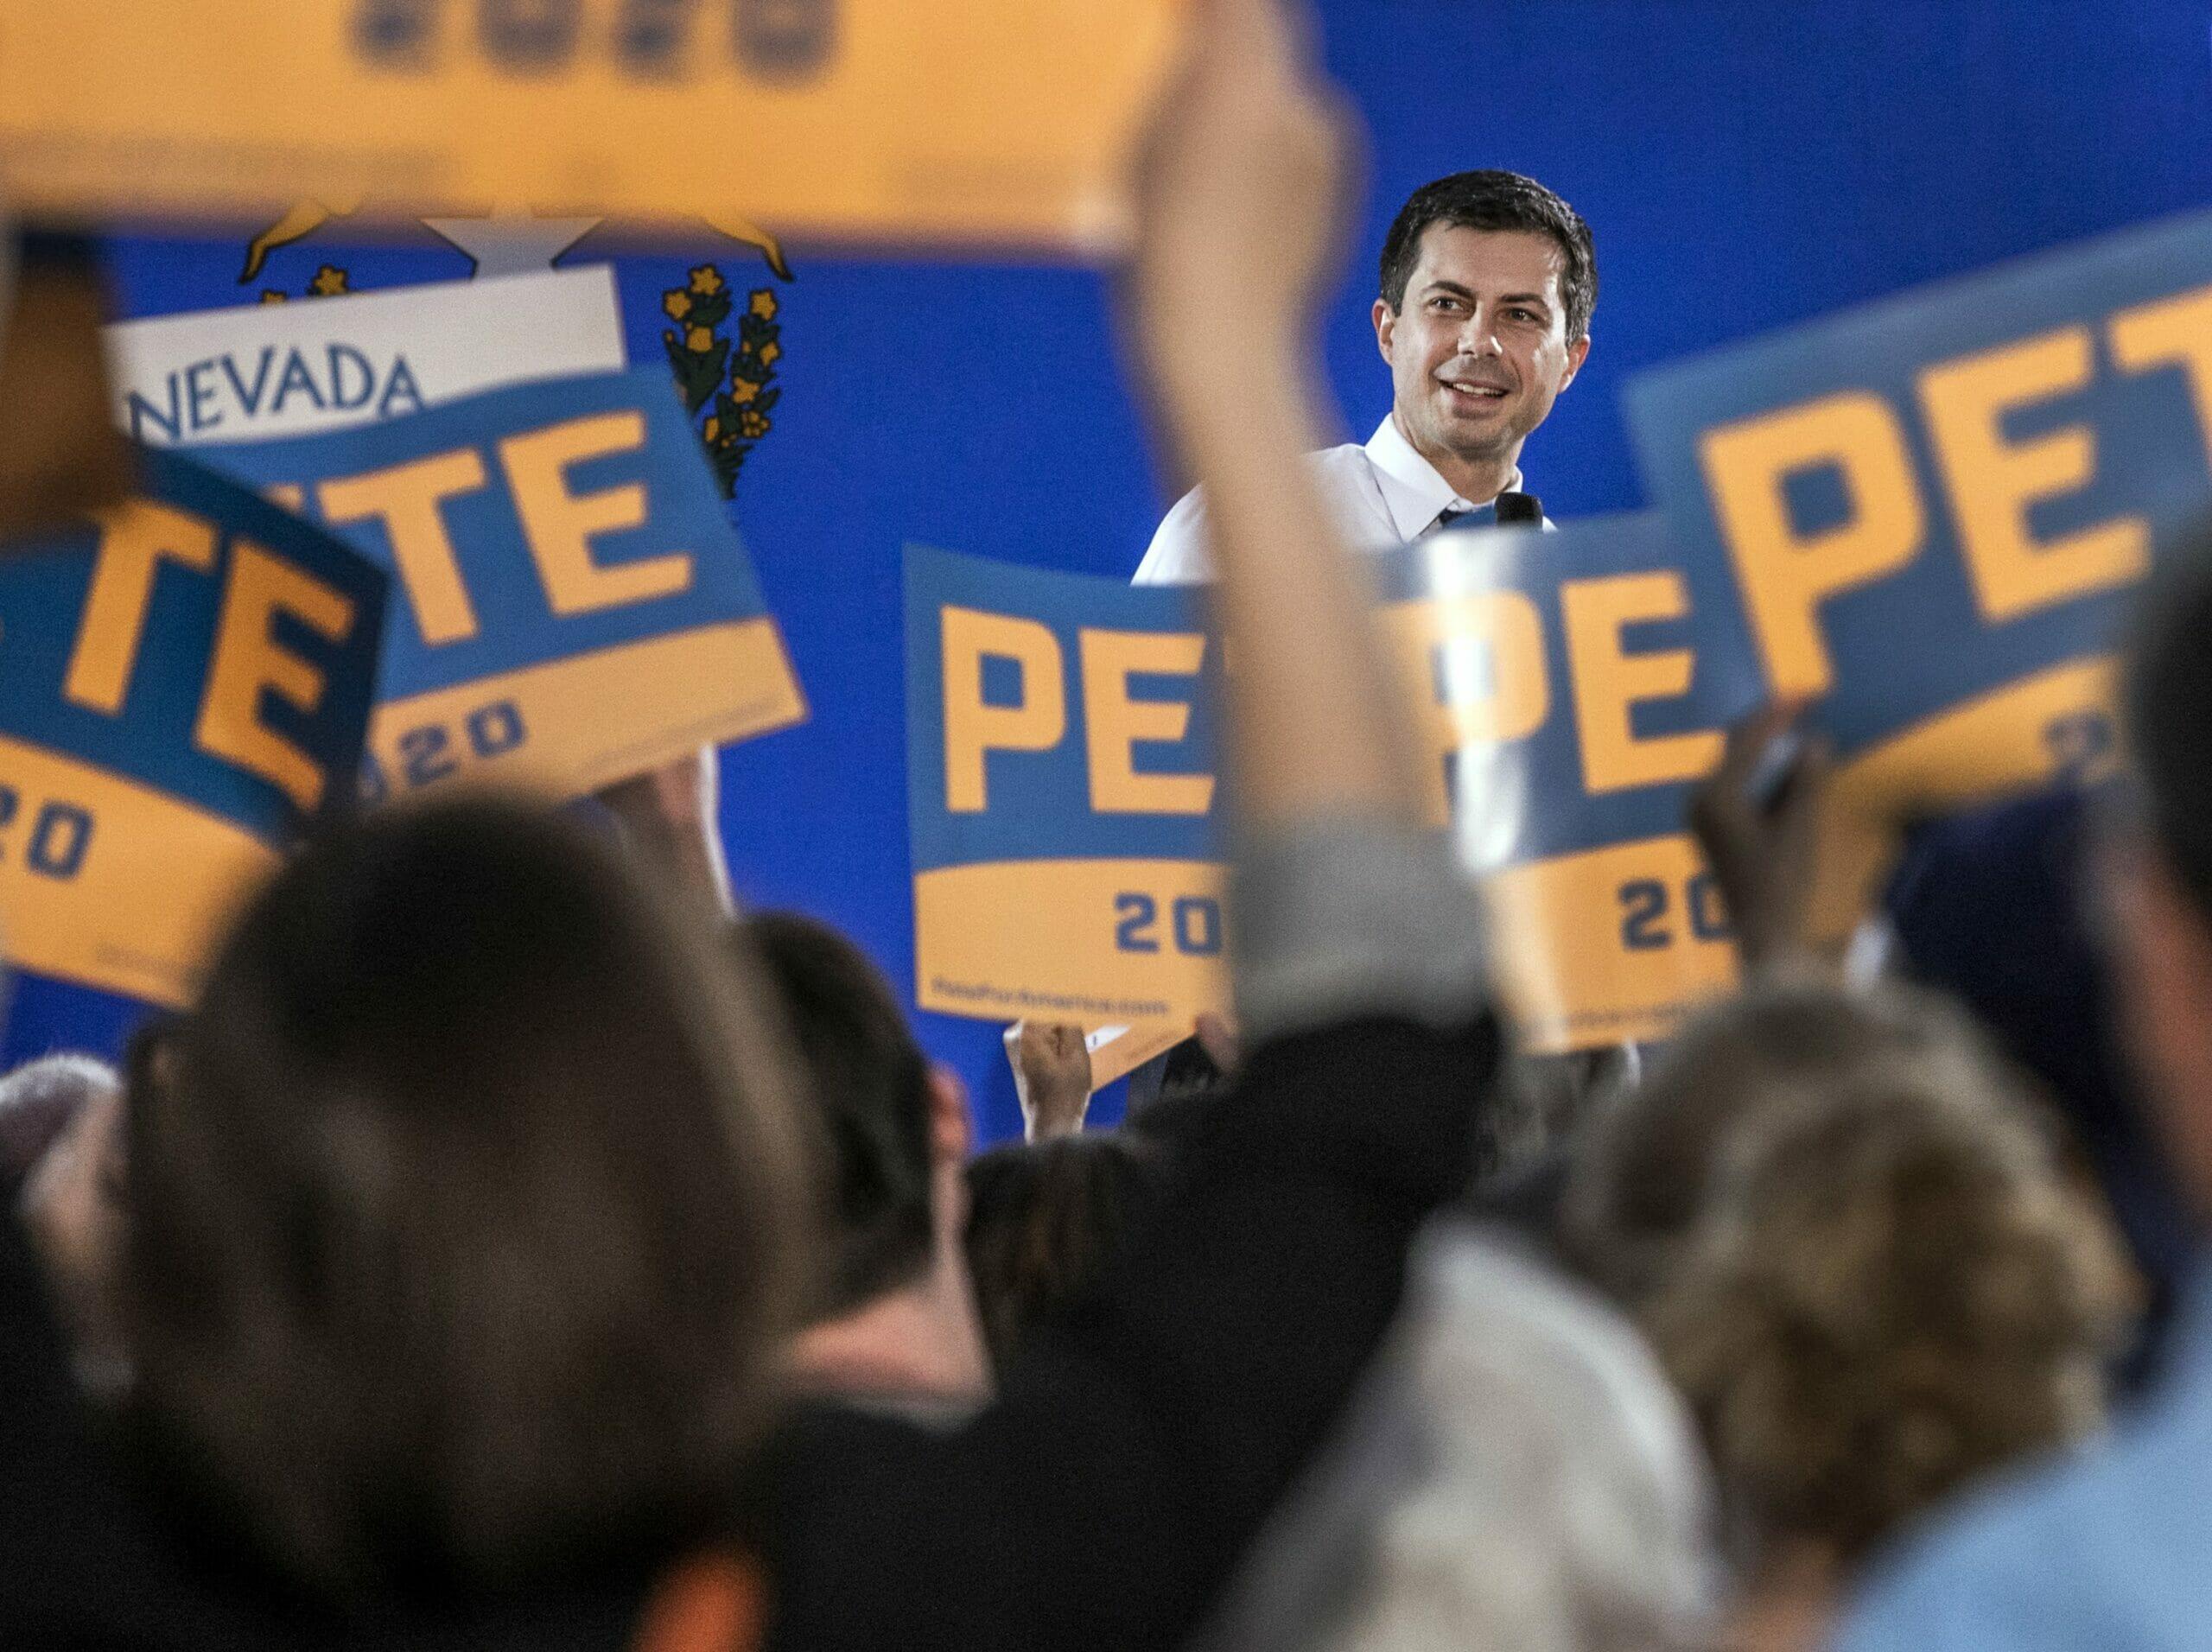 Pete Buttigieg speaks at a rally